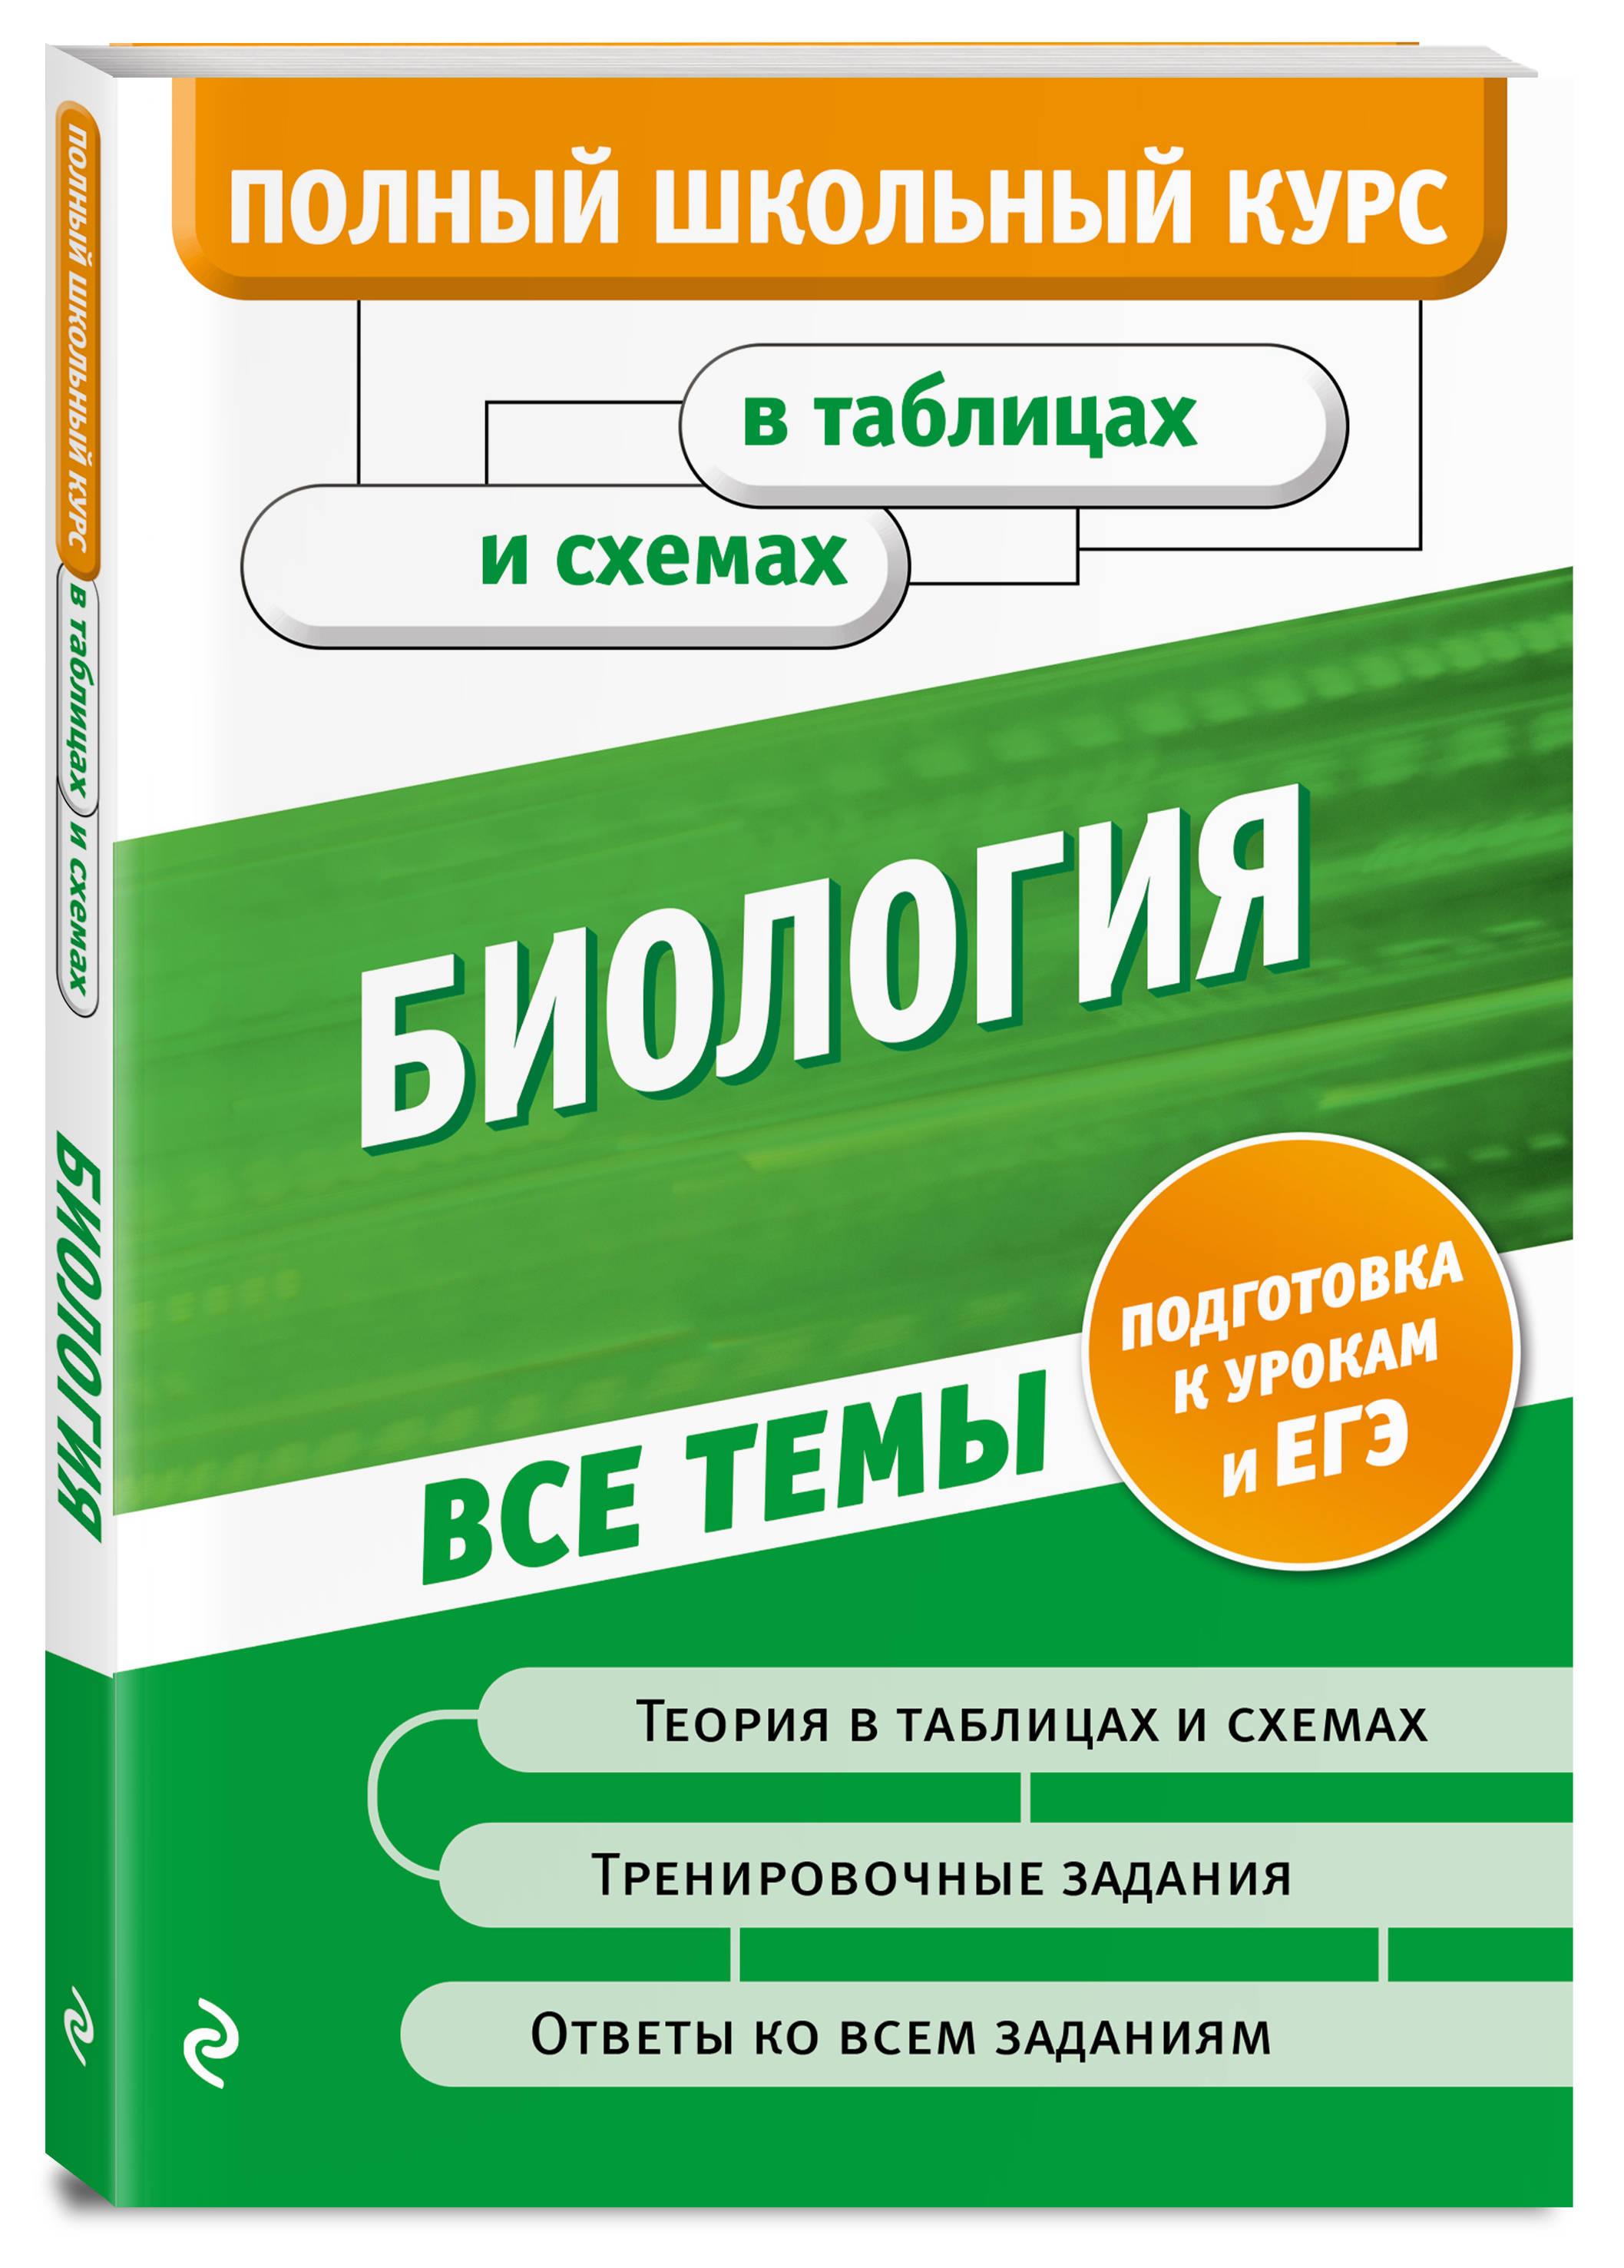 Биология ( Ионцева Алла Юрьевна, Садовниченко Юрий Александрович  )